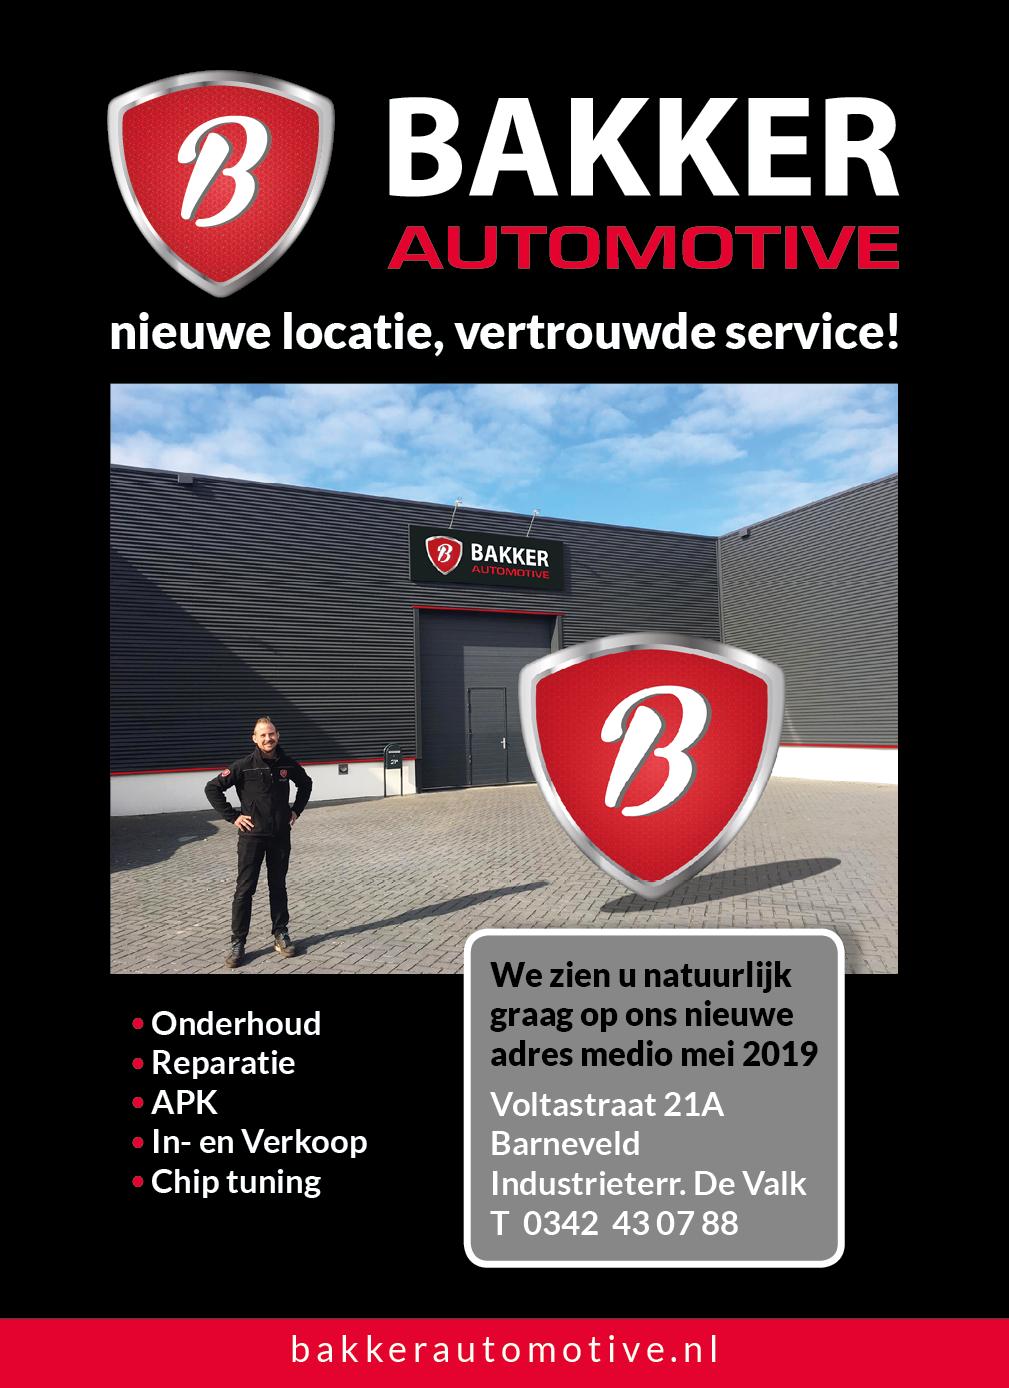 CJ Bakker Automotive